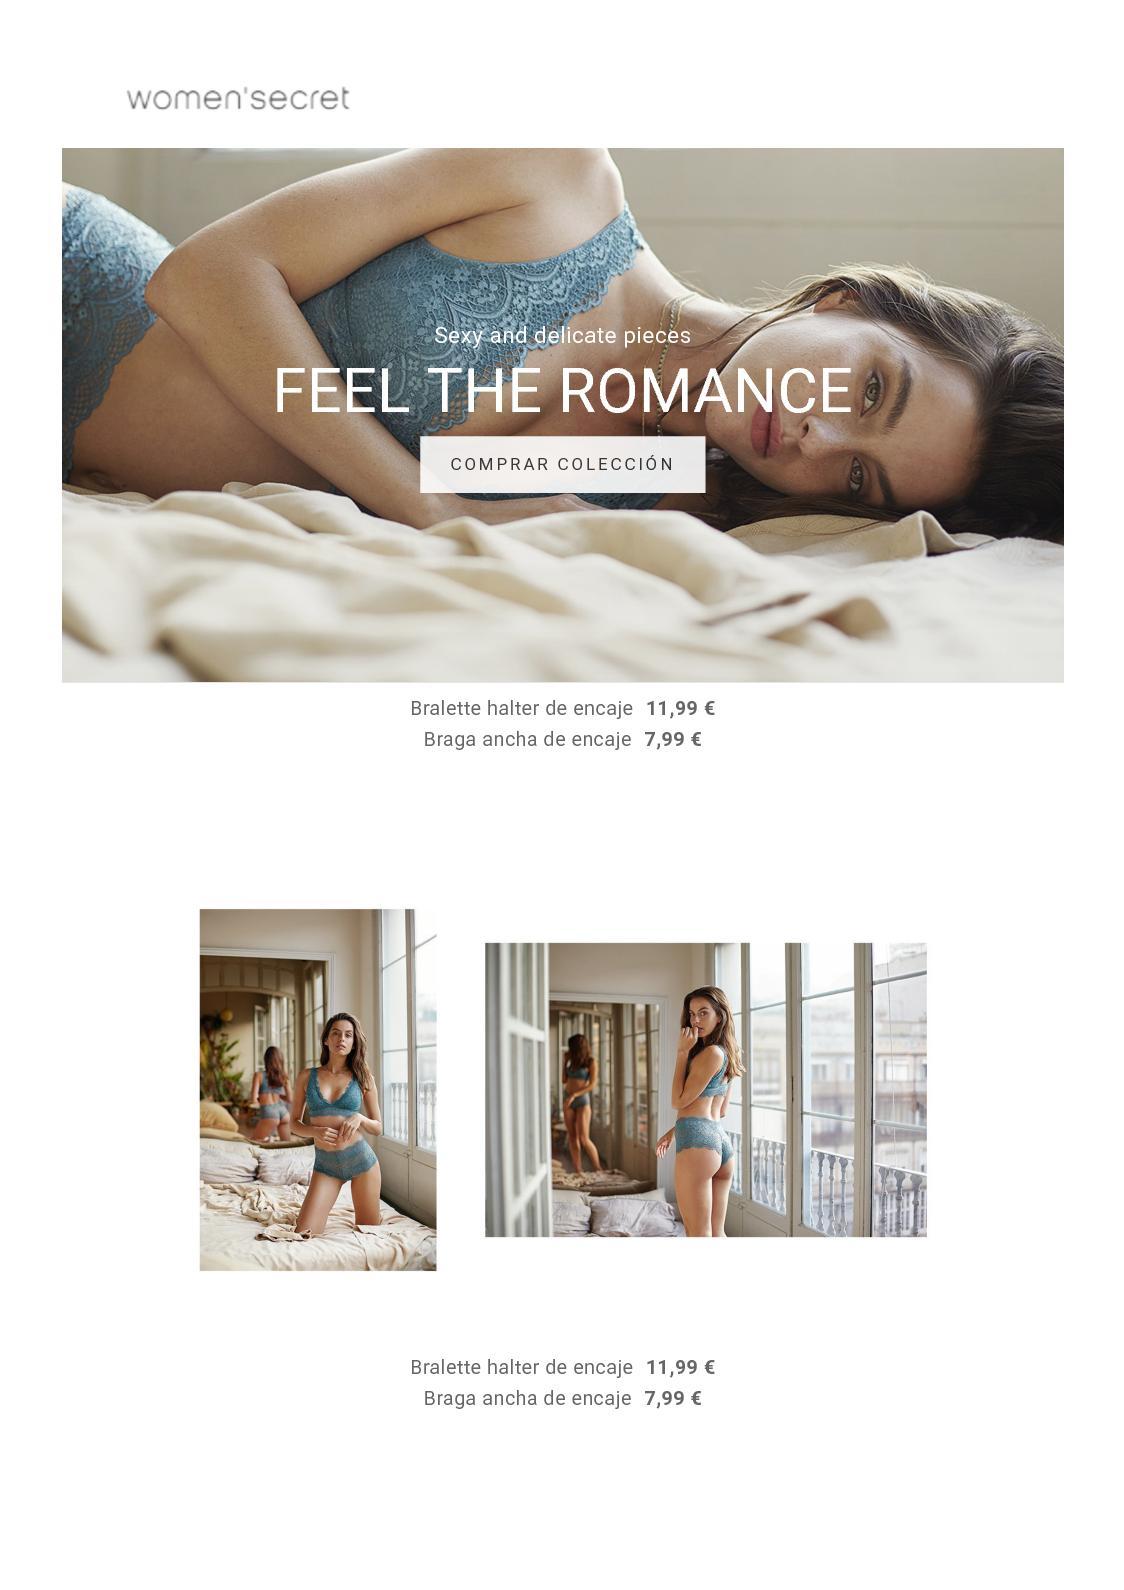 Women'Secret: Feel the Romance